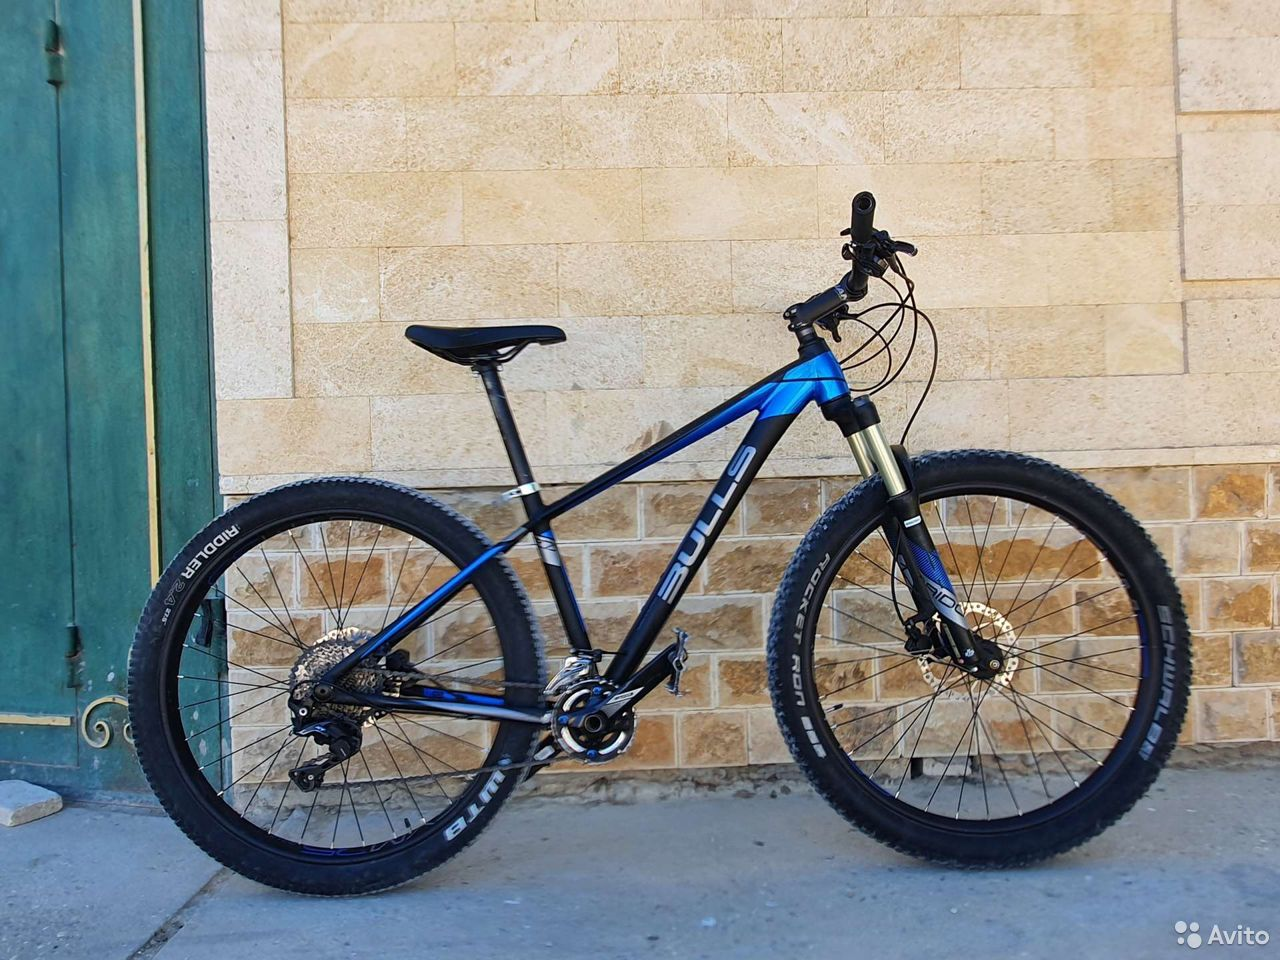 Велосипед горный немецкий buls  89627756759 купить 1